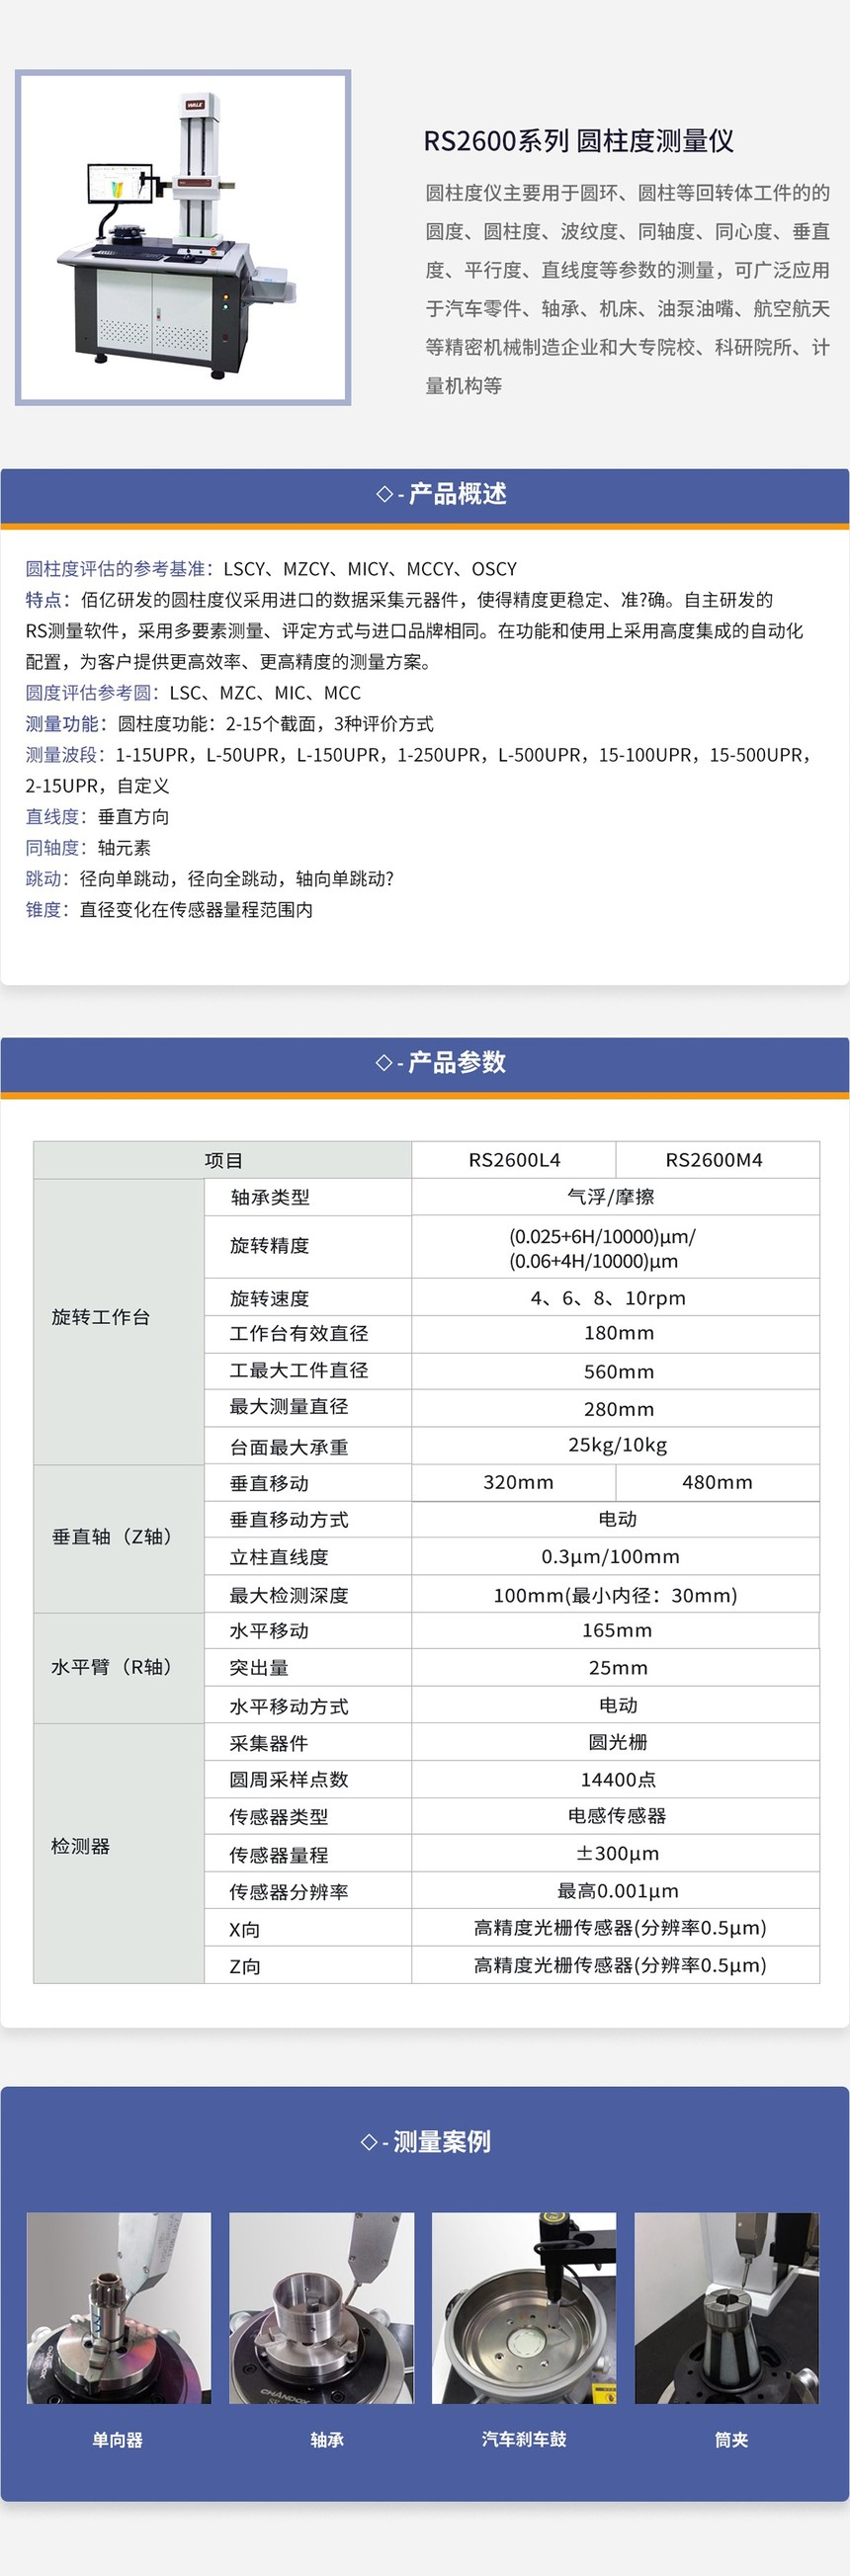 产品中心-Rs2600圆度仪_02.jpg